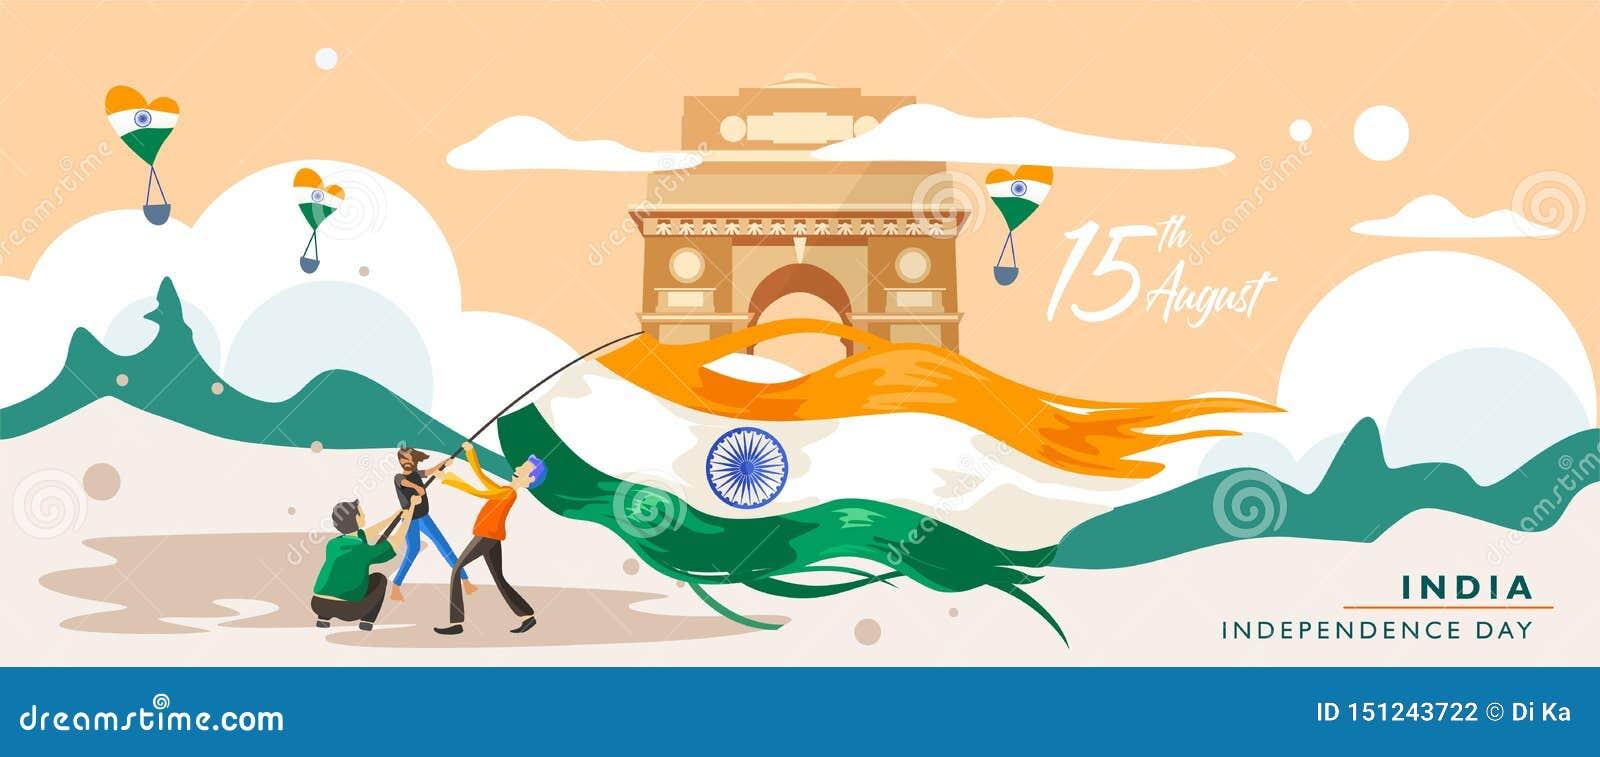 Ημέρα της ανεξαρτησίας της Ινδίας 15 Αυγούστου κτήριο κληρονομιάς πυλών της Ινδίας Πρότυπο ευχετήριων καρτών, εμβλημάτων και αφισ